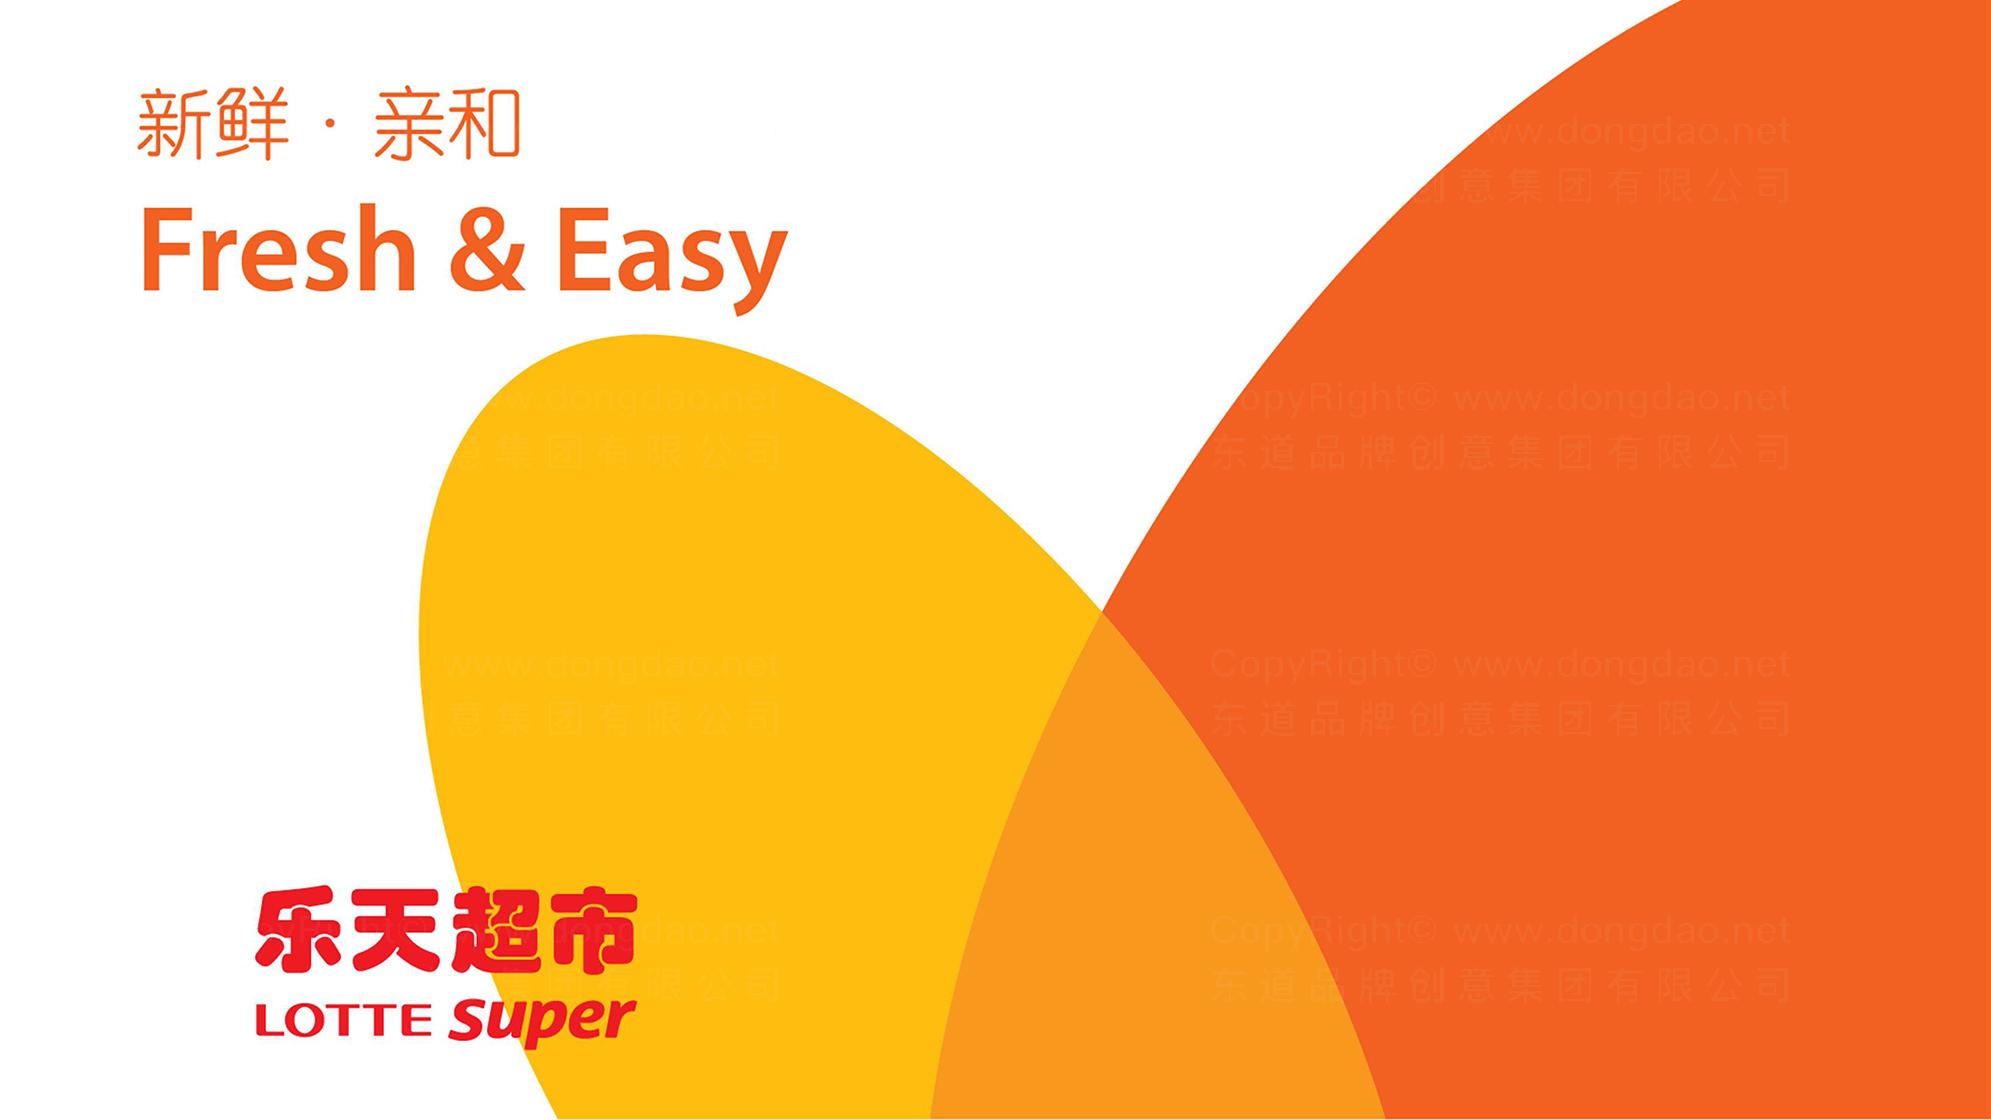 品牌设计乐天超市LOGO&VI设计应用